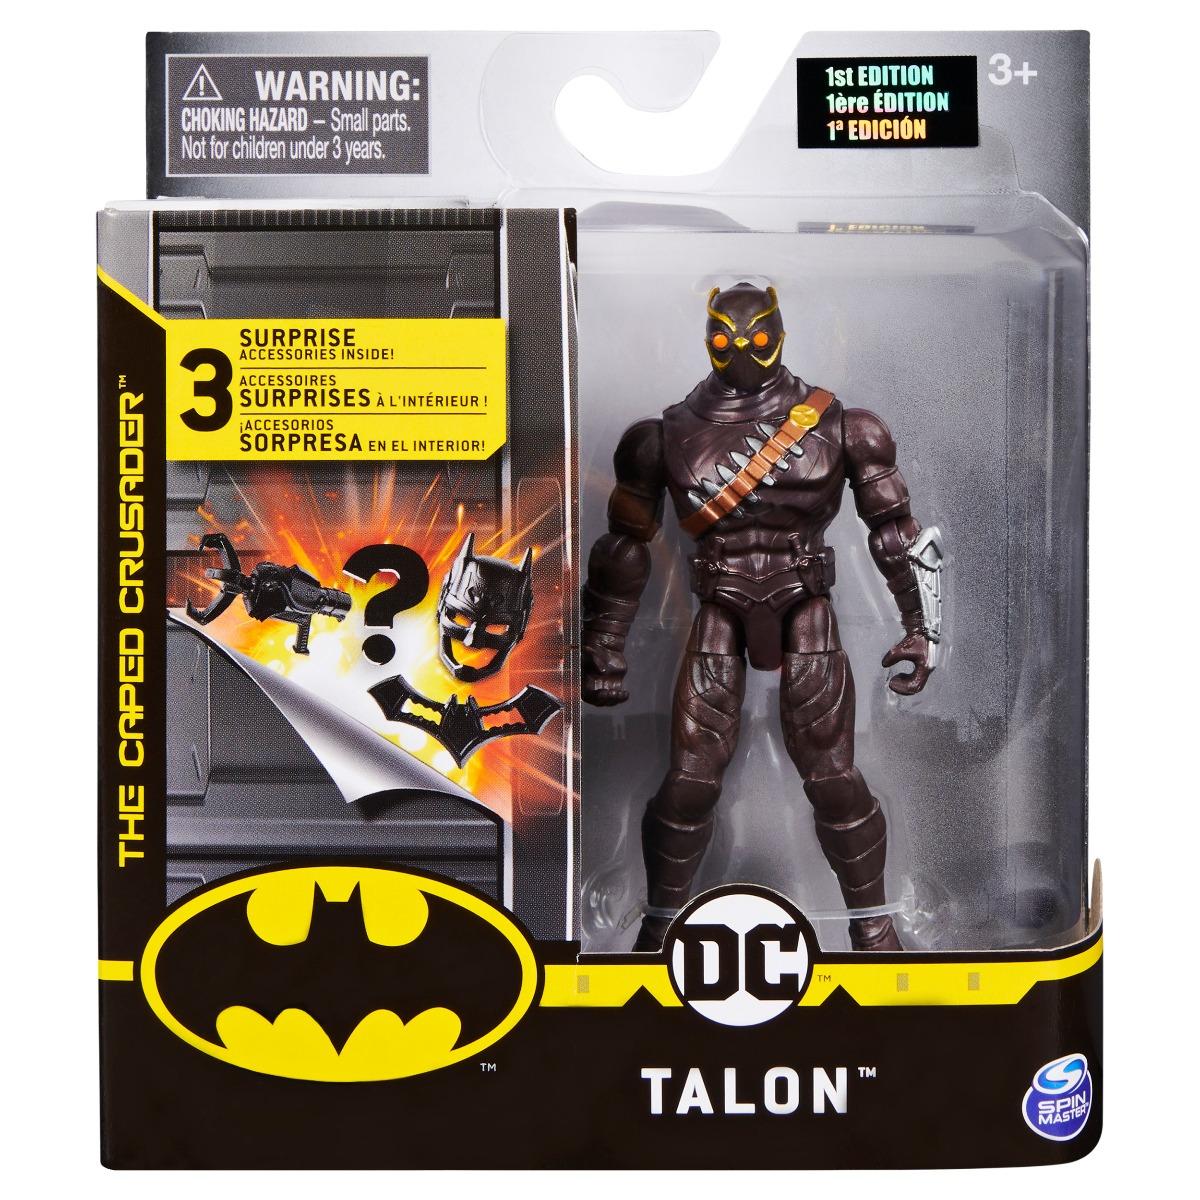 Set Figurina cu accesorii surpriza Batman, Talon 20125094 imagine 2021